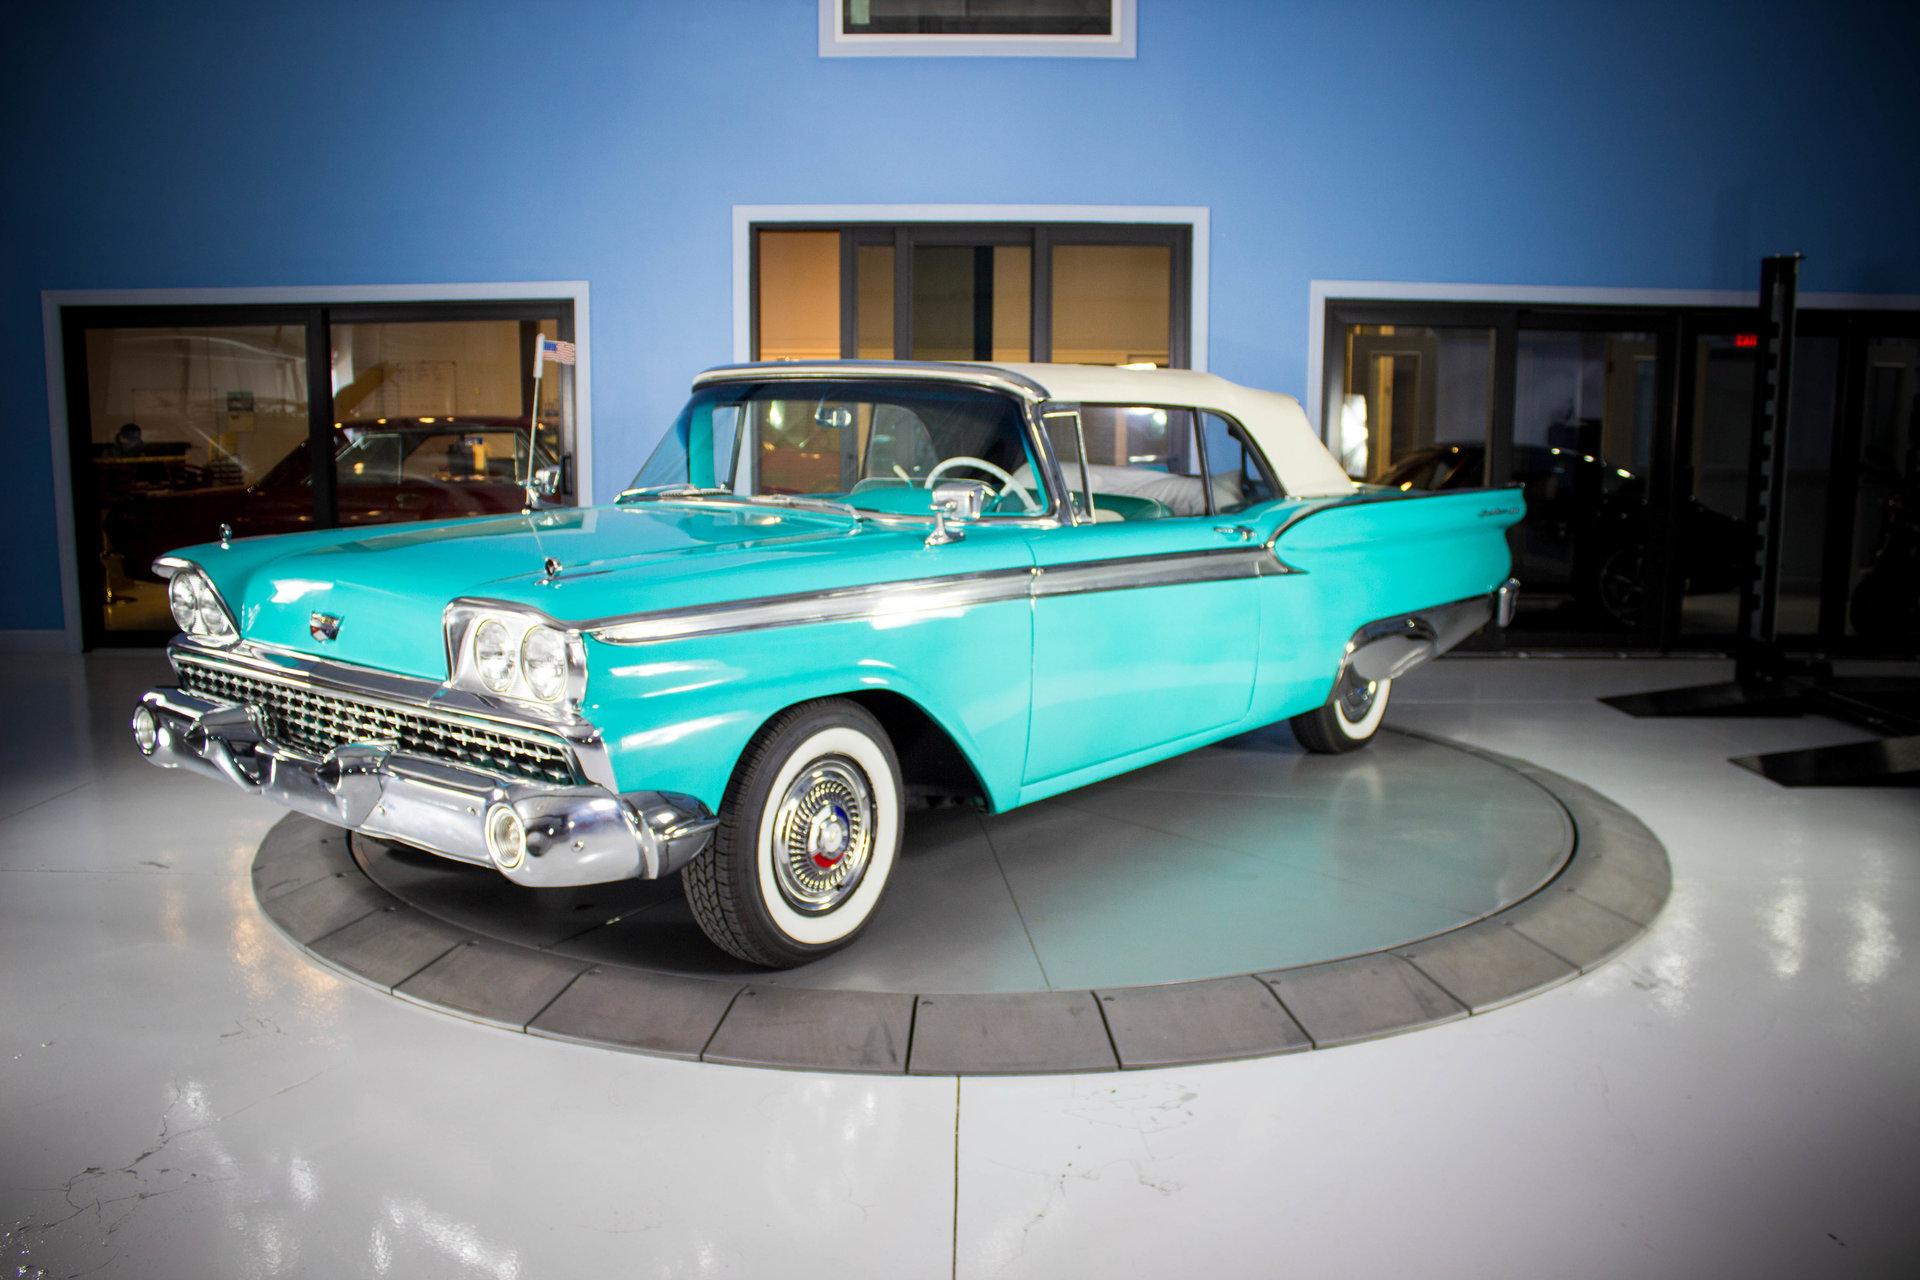 82103d74359b hd 1959 ford fairlane